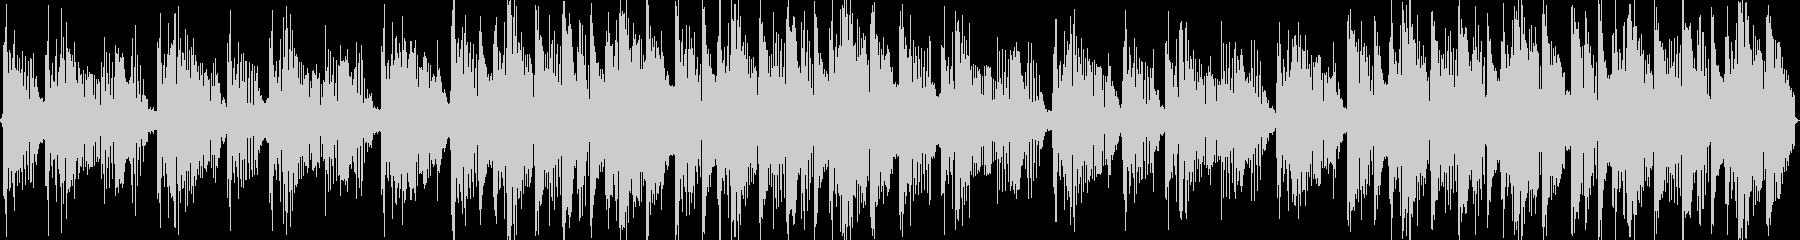 明るく軽快なゲームBGM風の未再生の波形